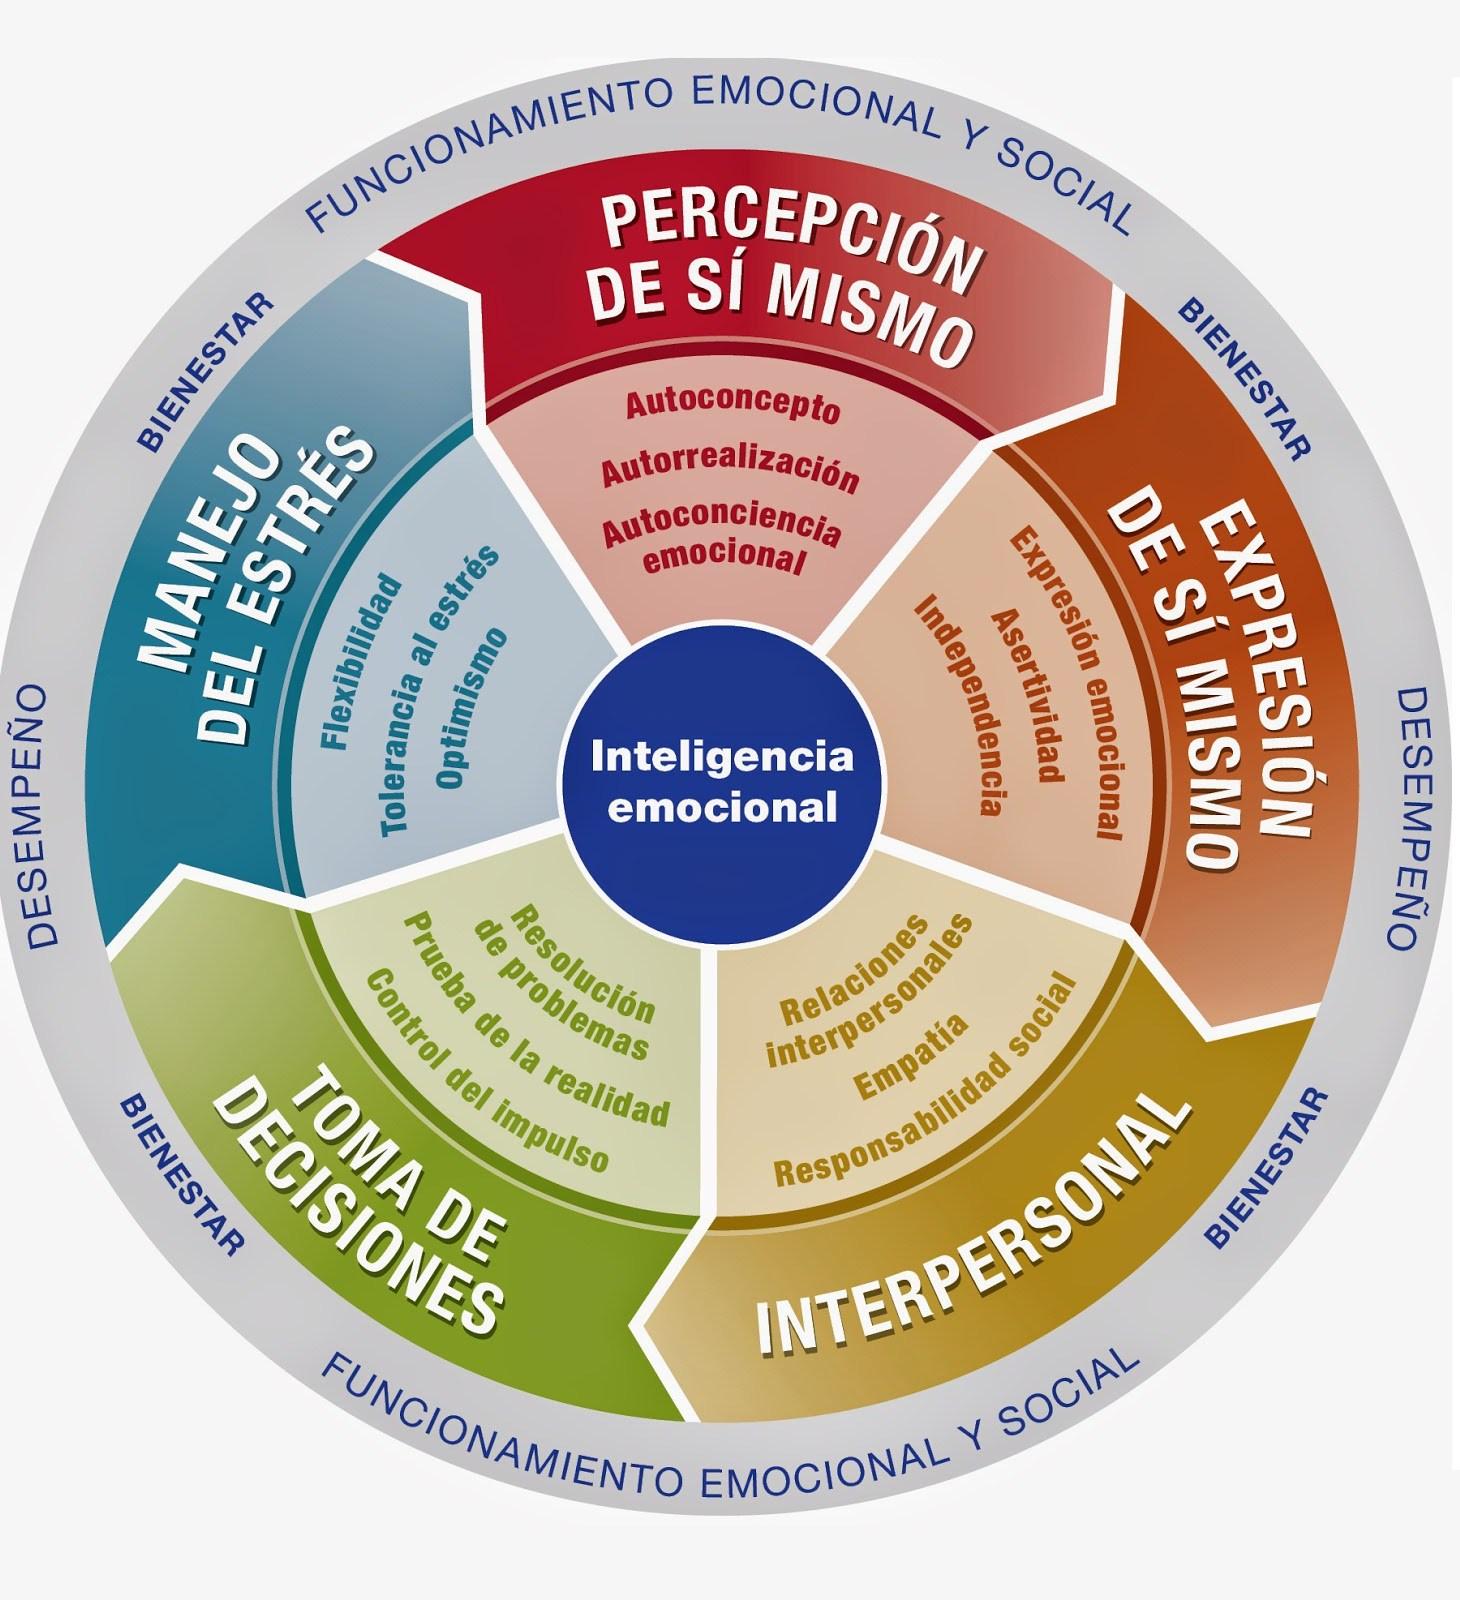 Inteligencia Emocional y Eficacia Organizacional